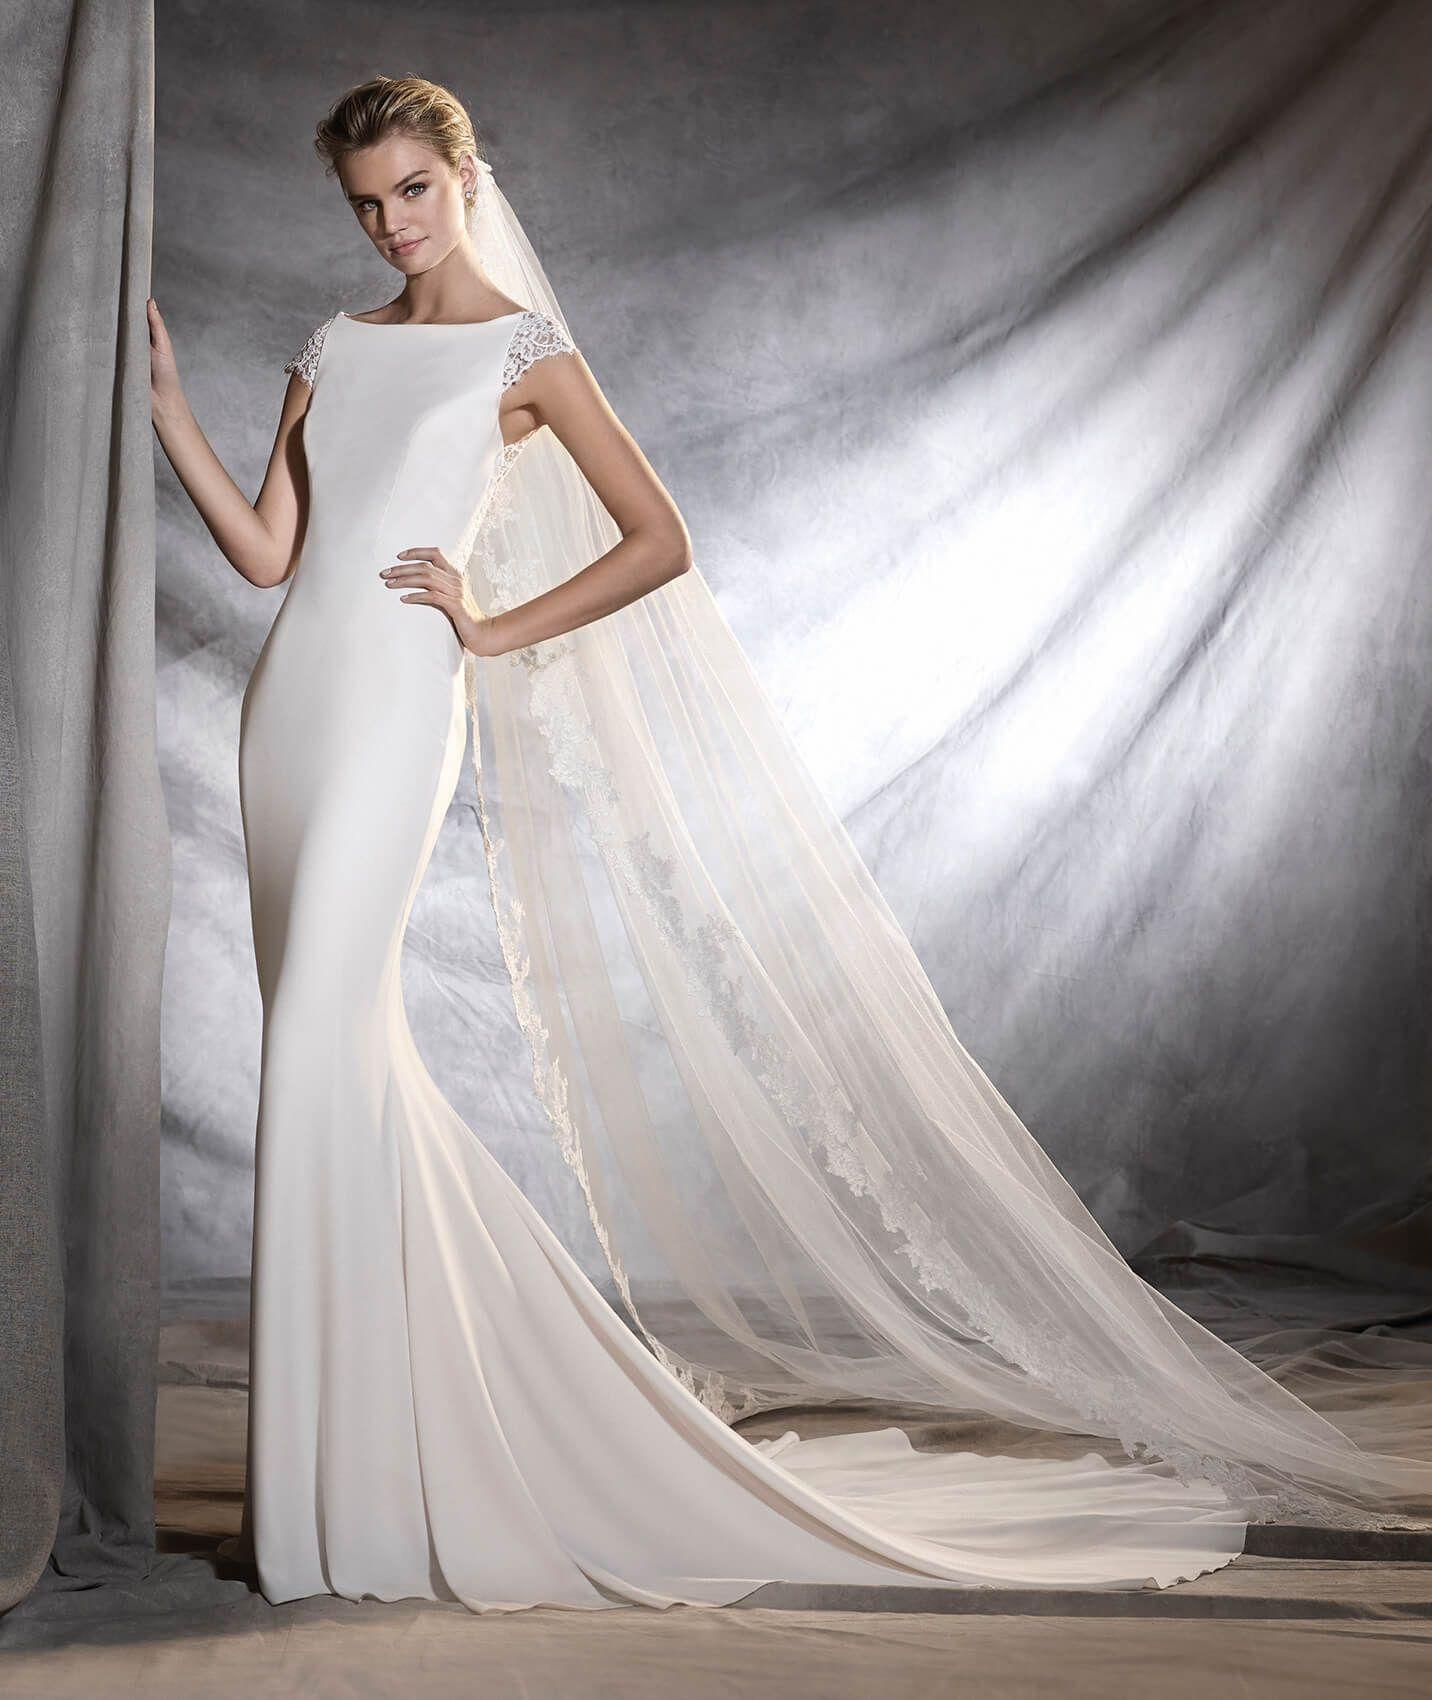 Großzügig Brautkleid Geschäfte Chester Fotos - Brautkleider Ideen ...